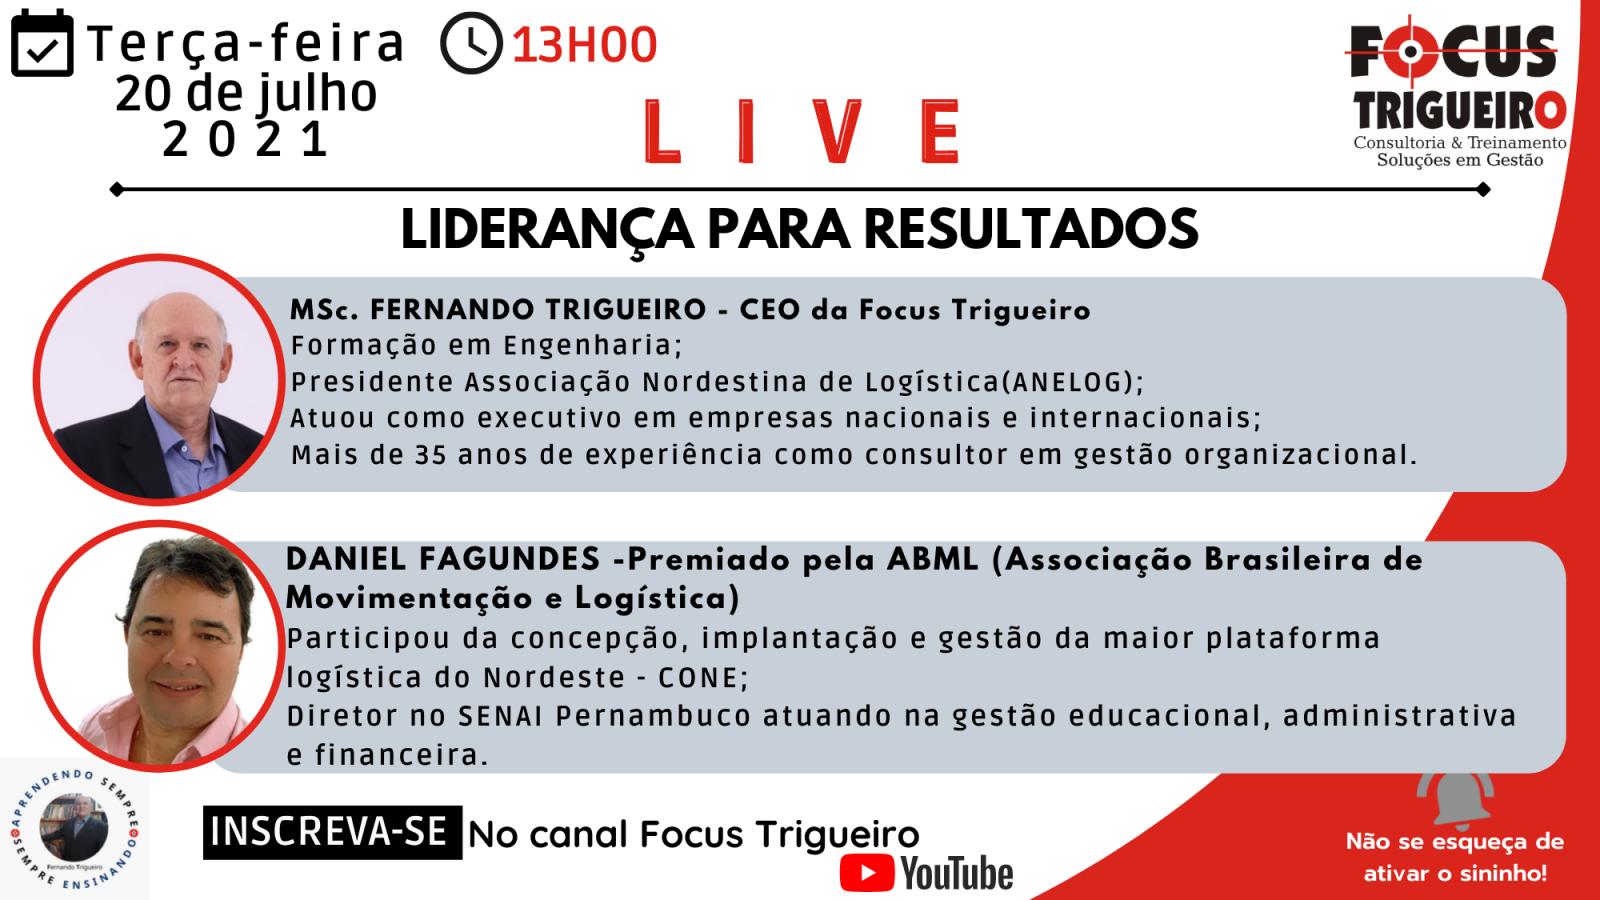 LIVE - LIDERANÇA PARA RESULTADOS(20/07/2021)